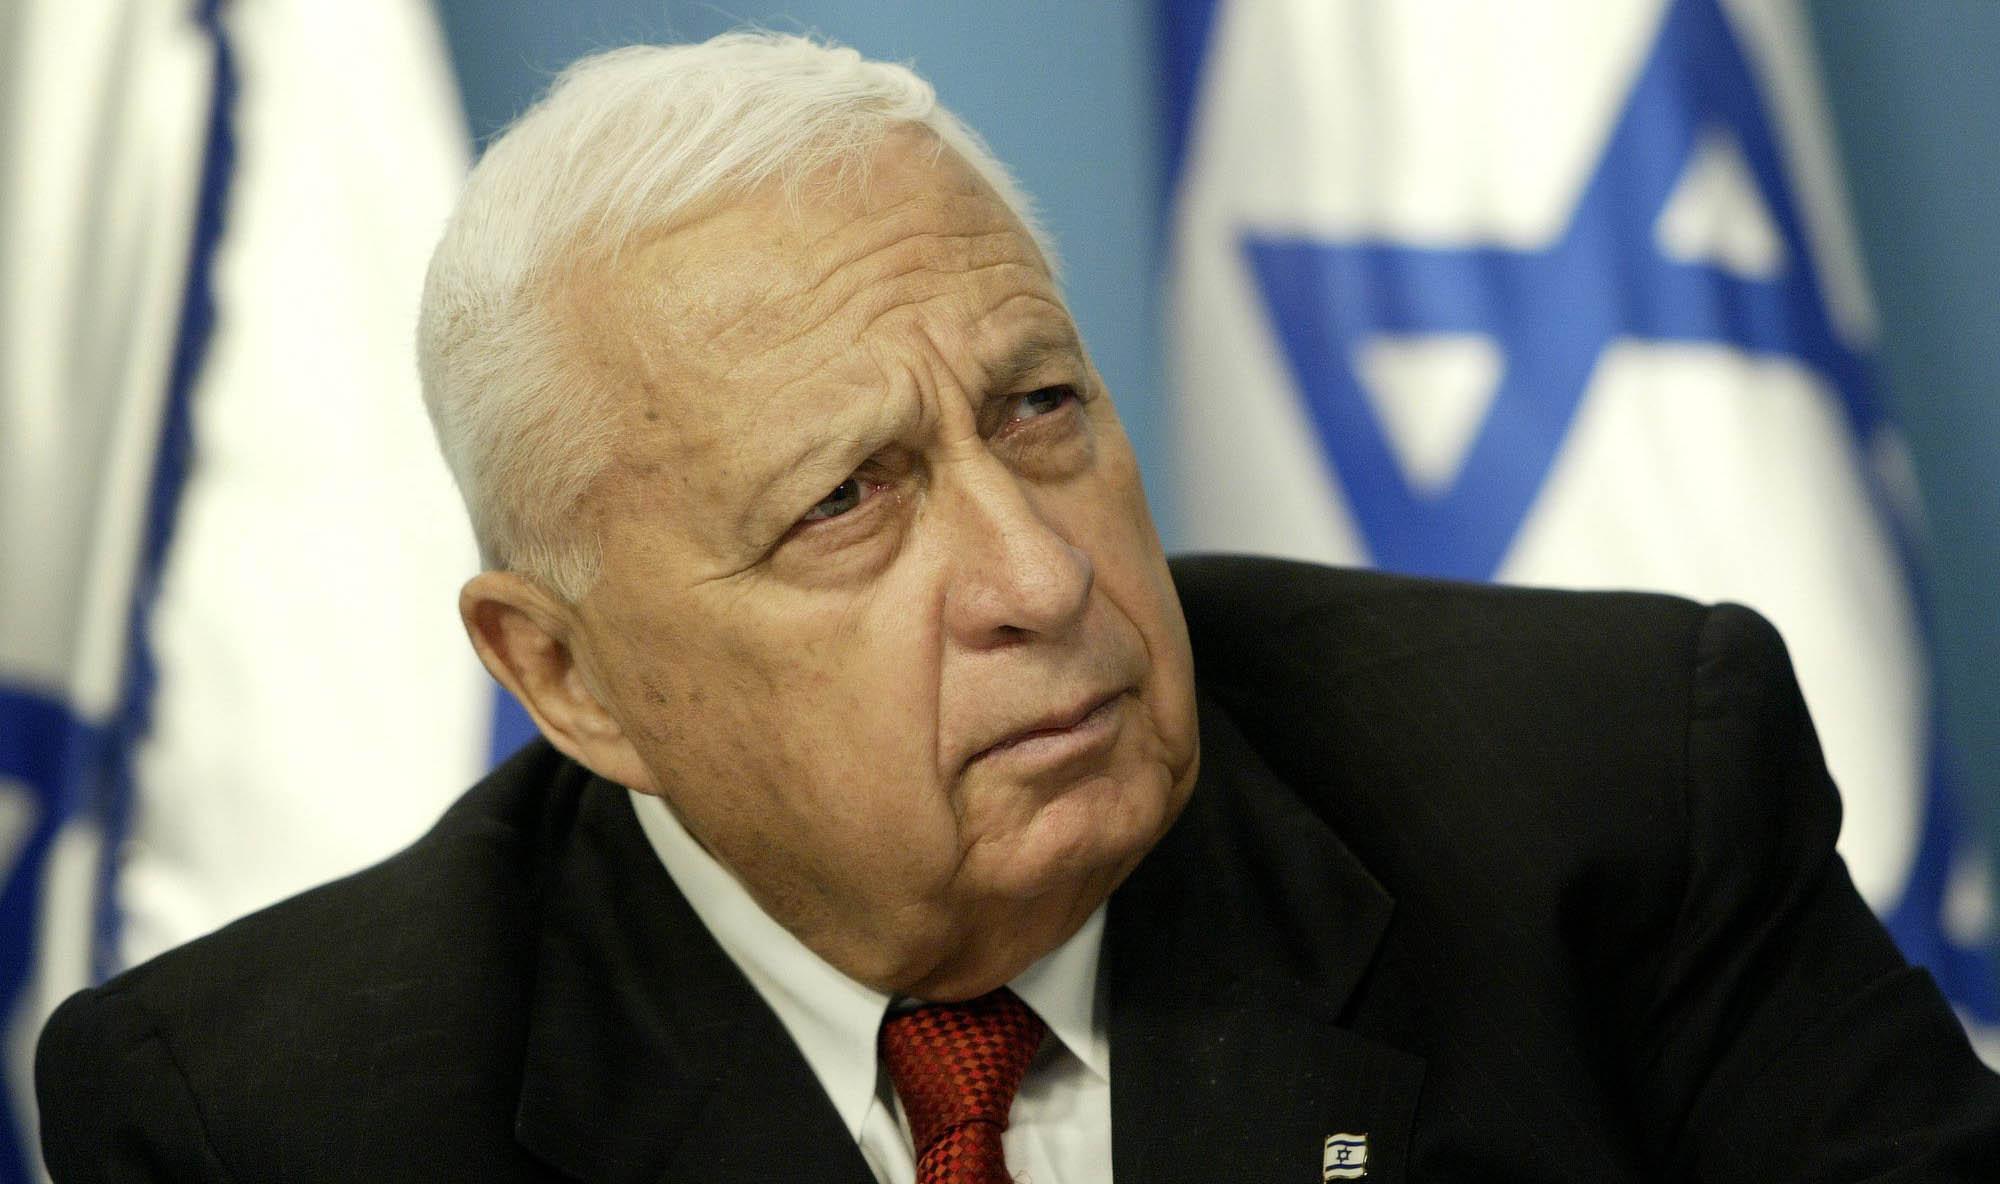 ראש הממשלה לשעבר אריאל שרון (צילום: אי.פי)